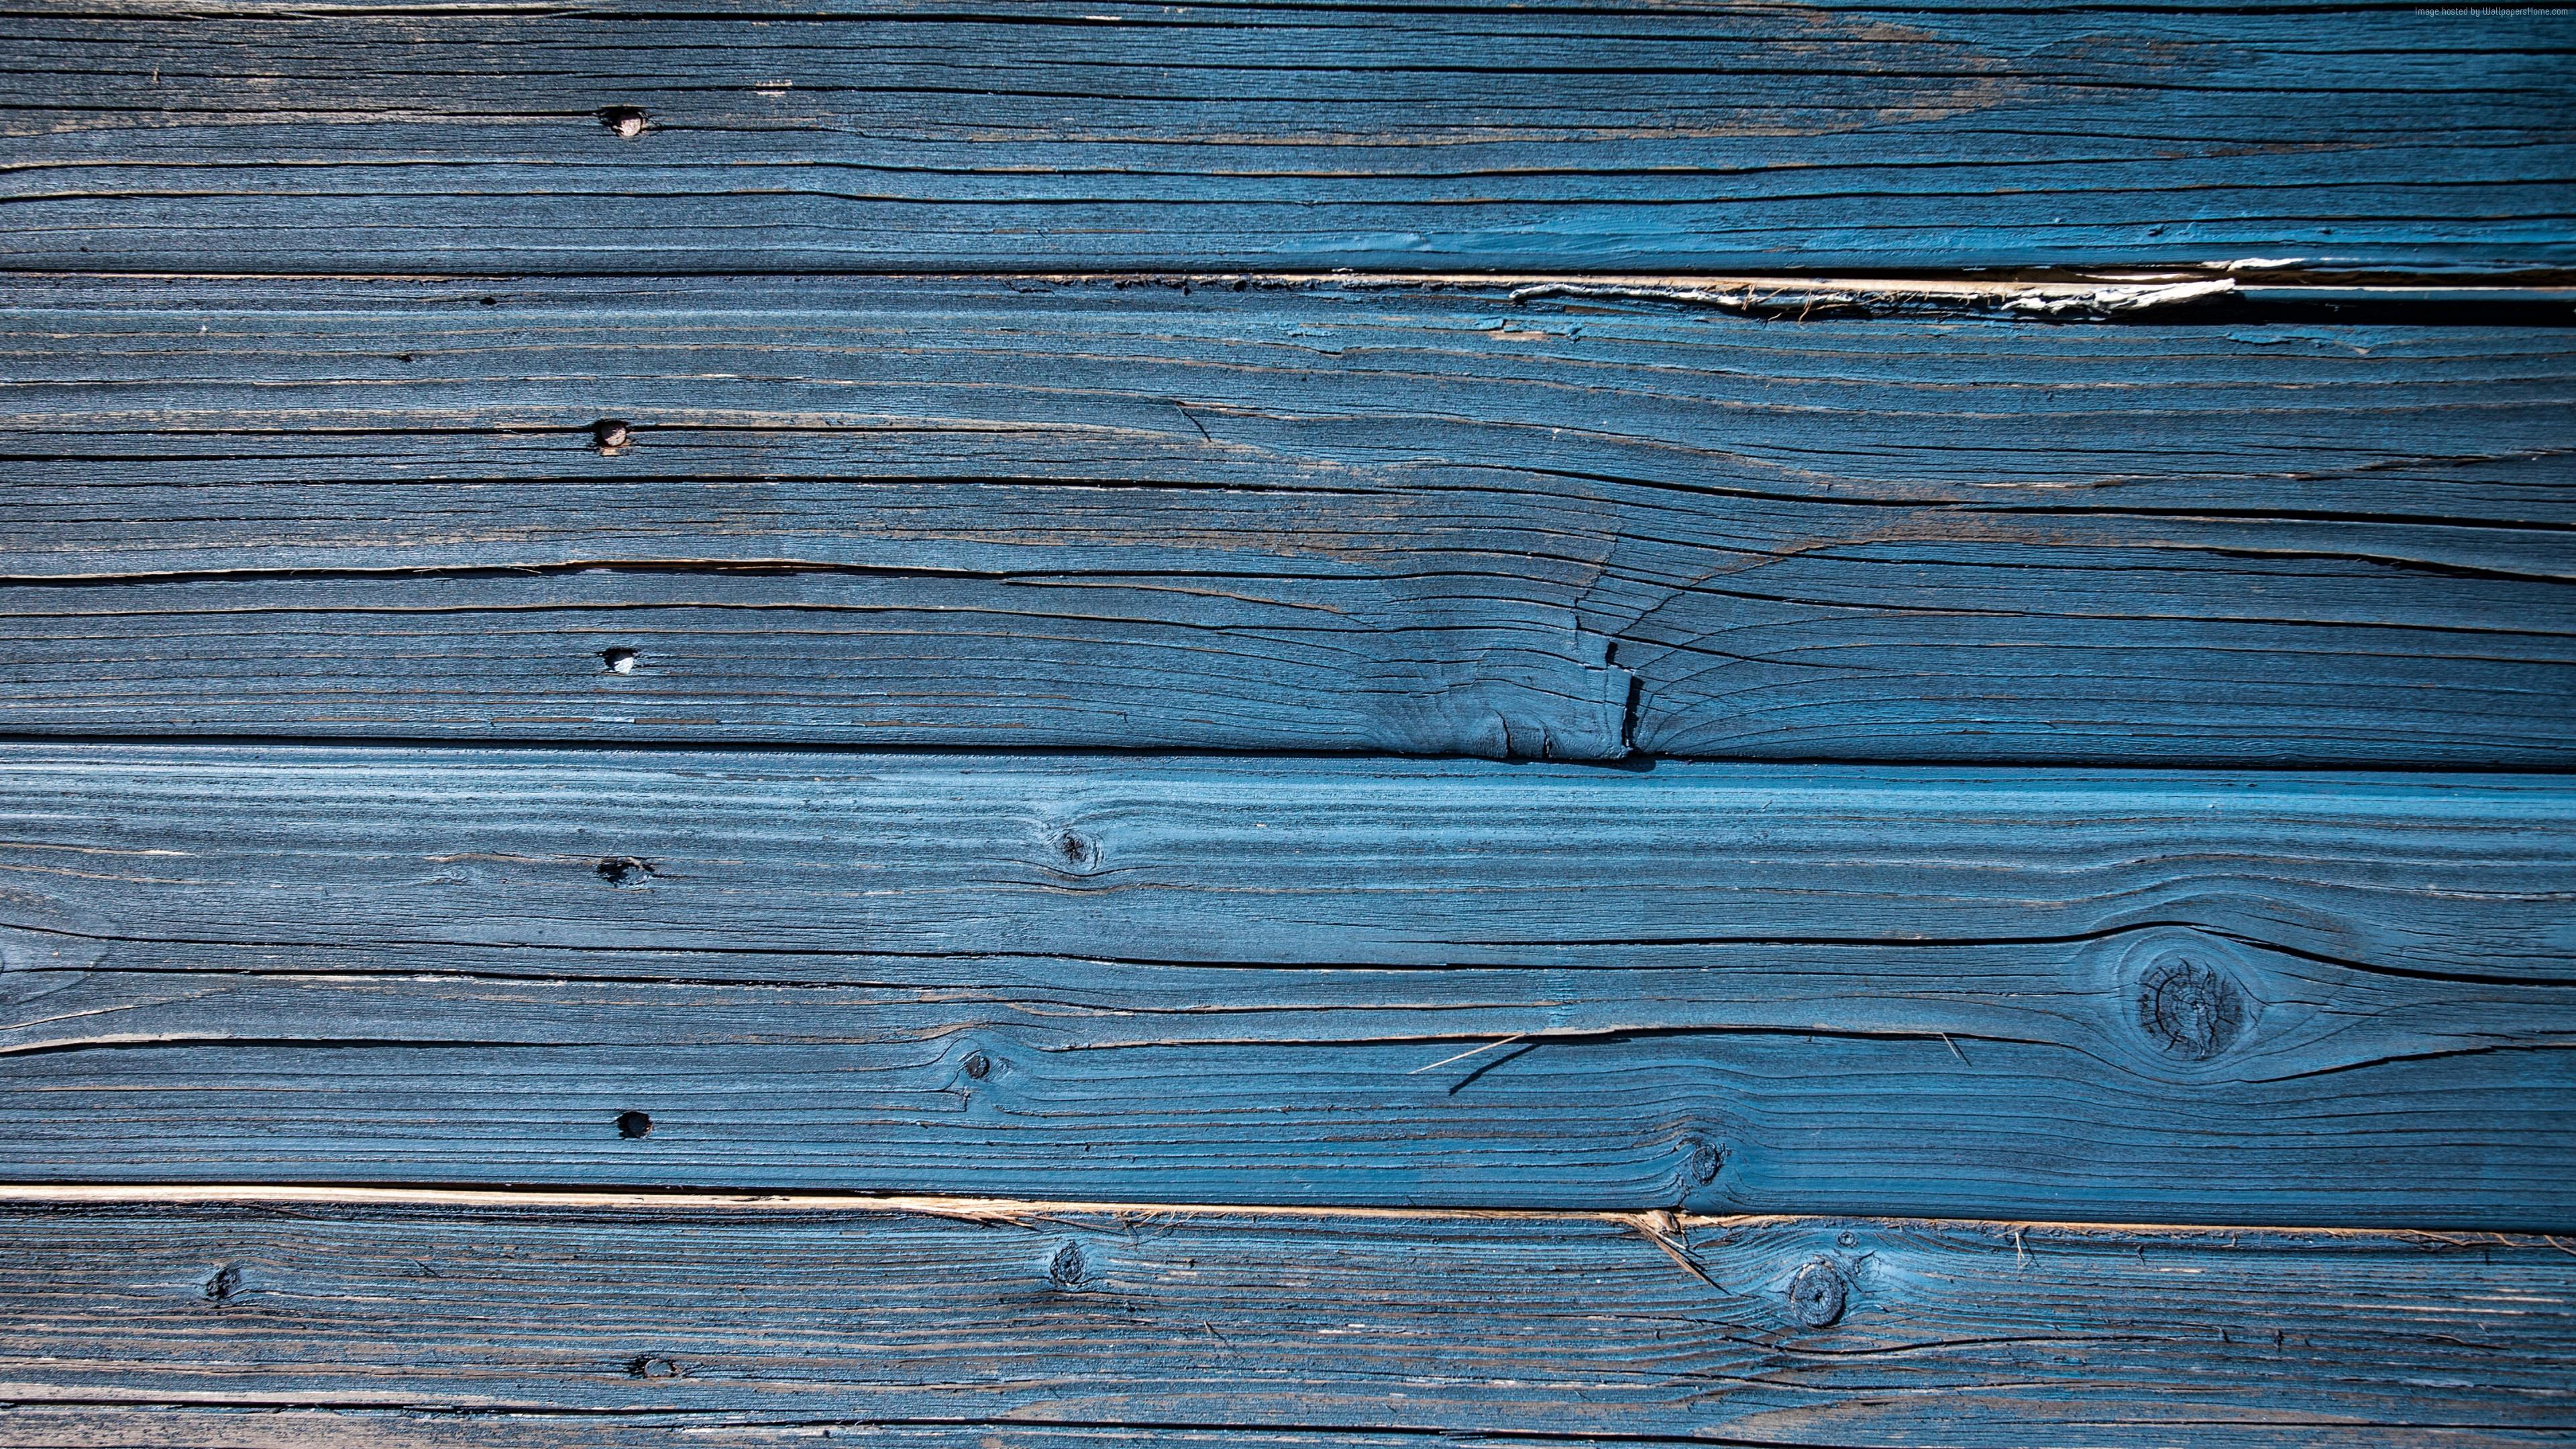 2048x1152 Wood Texture 4k 2048x1152 Resolution Hd 4k